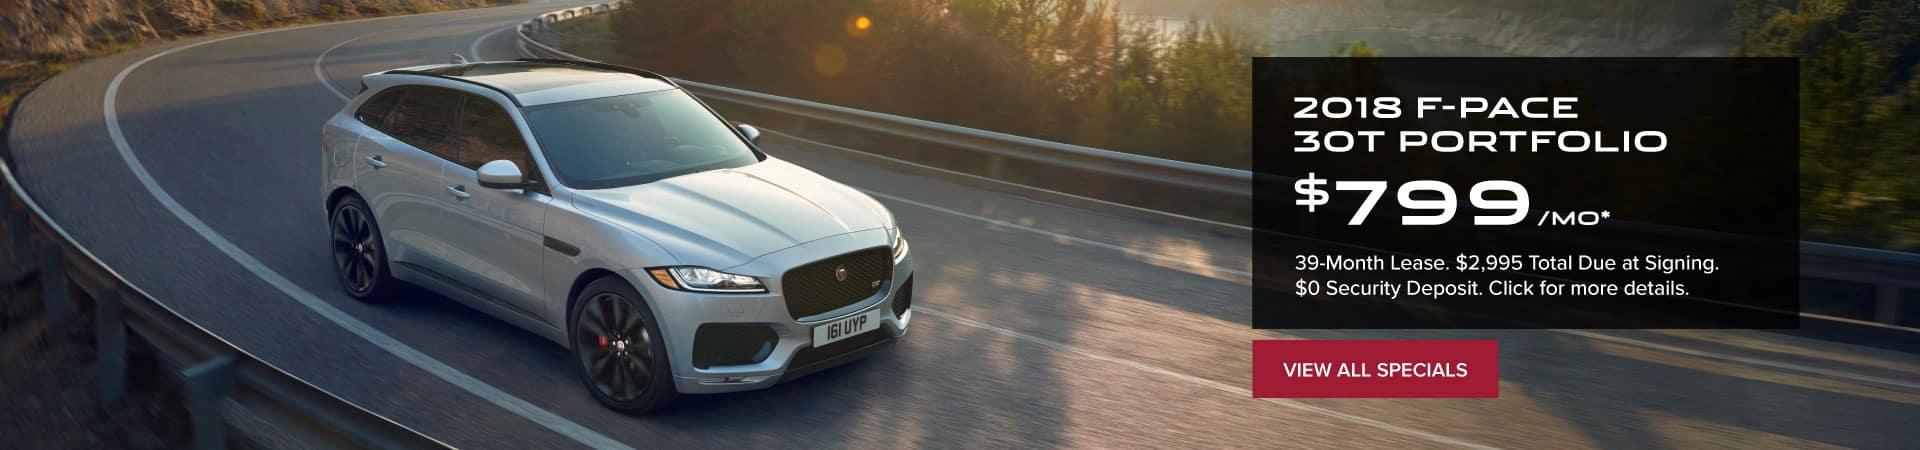 Autobahn Jaguar | F-PACE Lease - $799